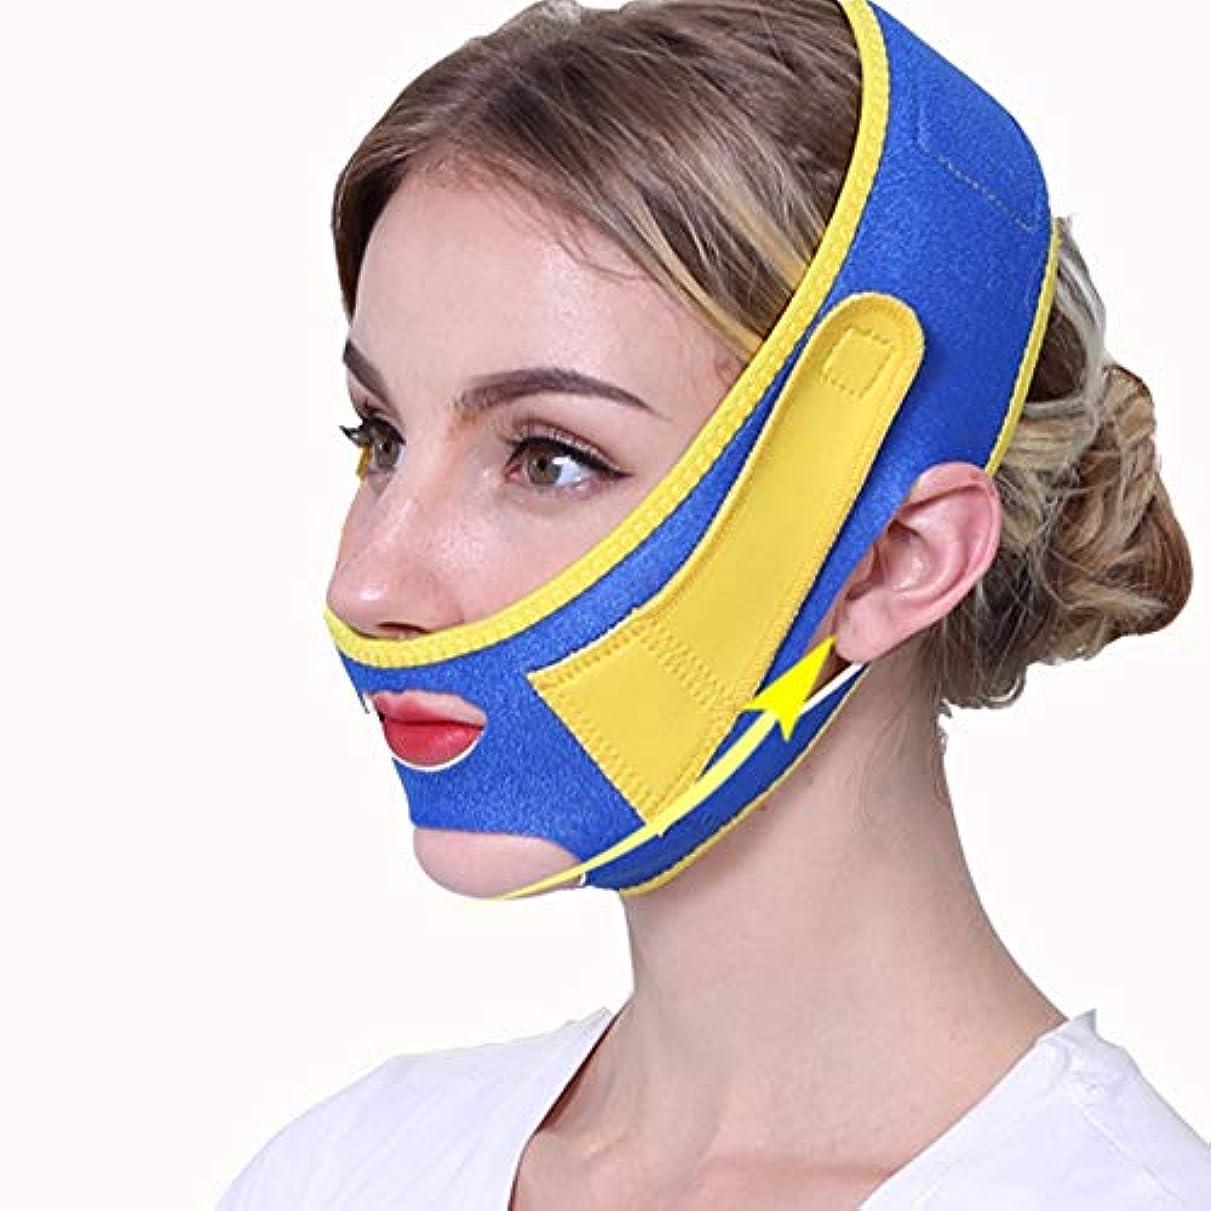 フェイシャルリフティング痩身ベルトフェイス包帯マスク整形マスクフェイスベルトを引き締める薄型フェイス包帯整形マスクフェイスと首の顔を引き締めスリム